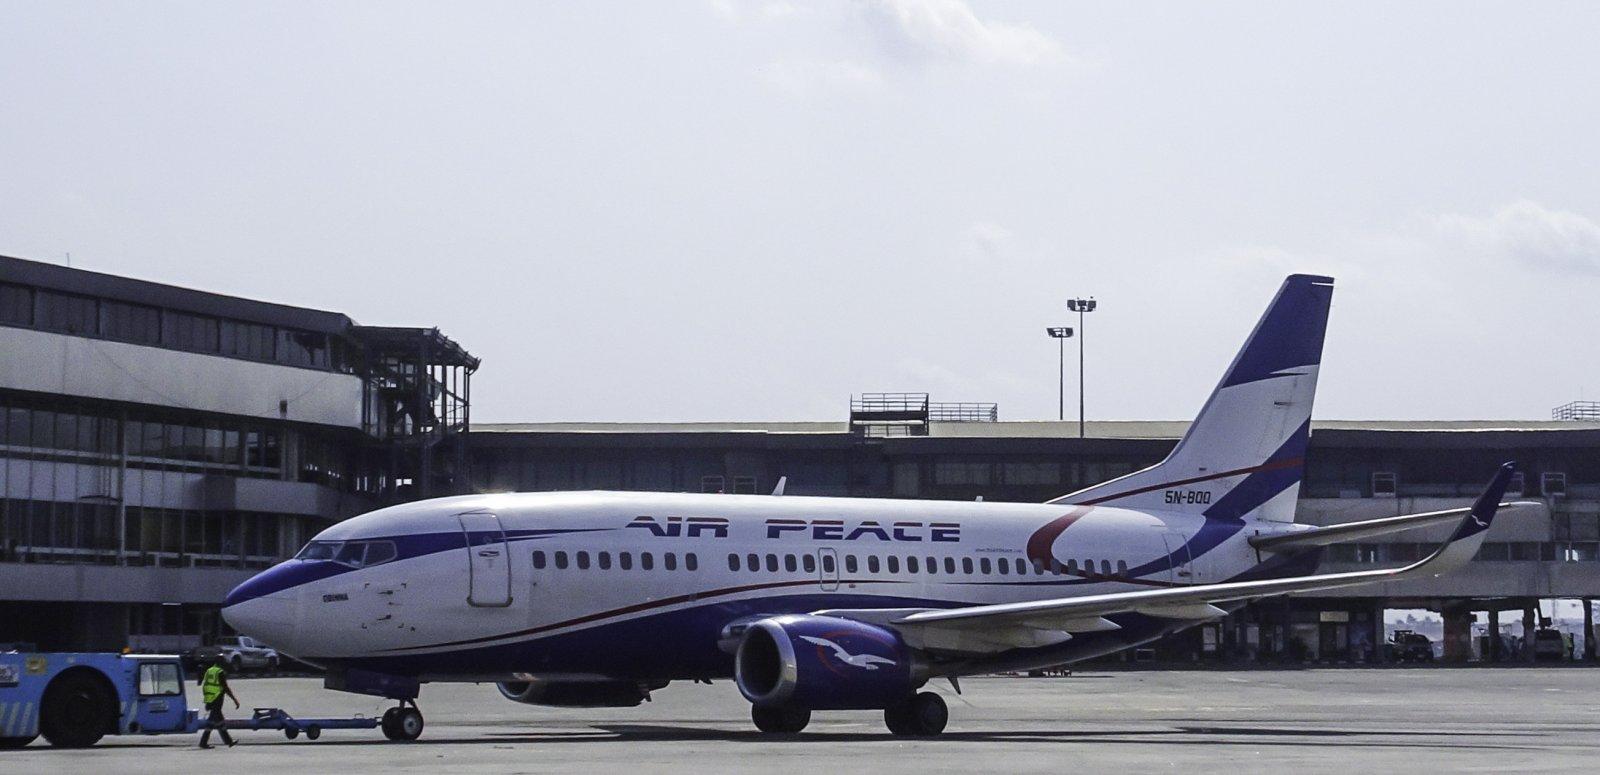 Air Peace Boeing 737-524 5N-BQQ